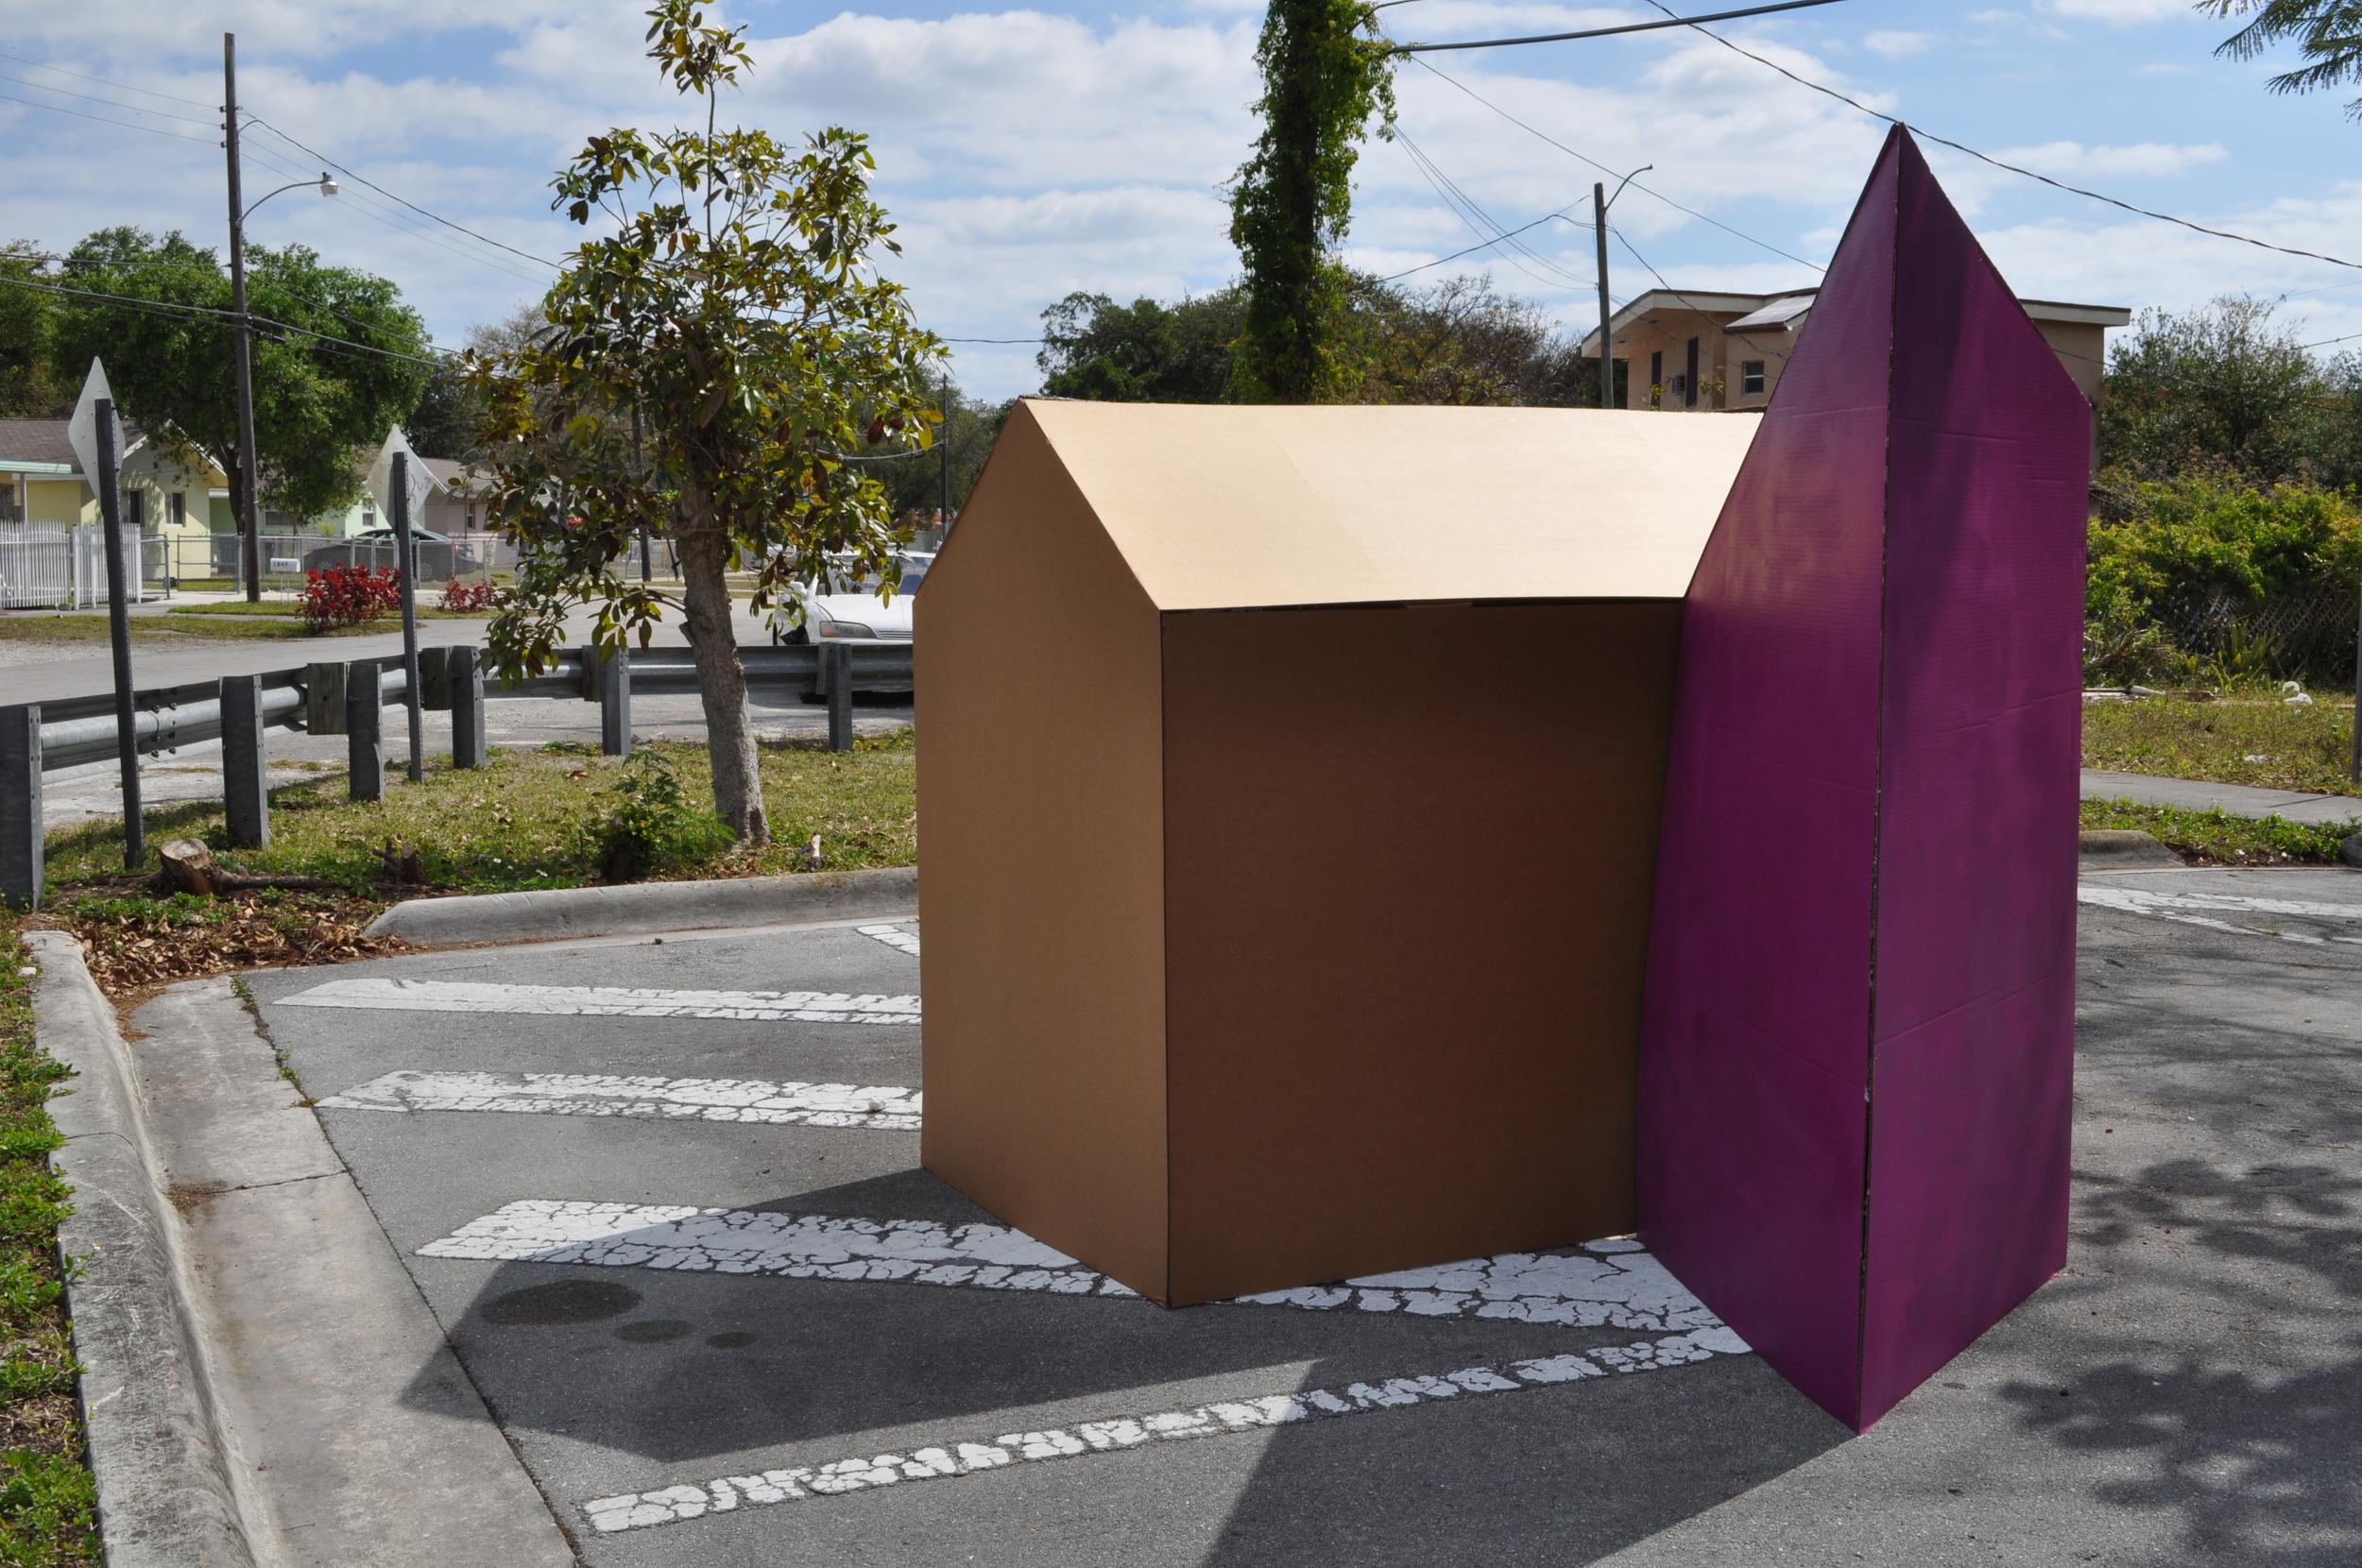 Bonner-Stayner_Pop-Up Park (1).JPG